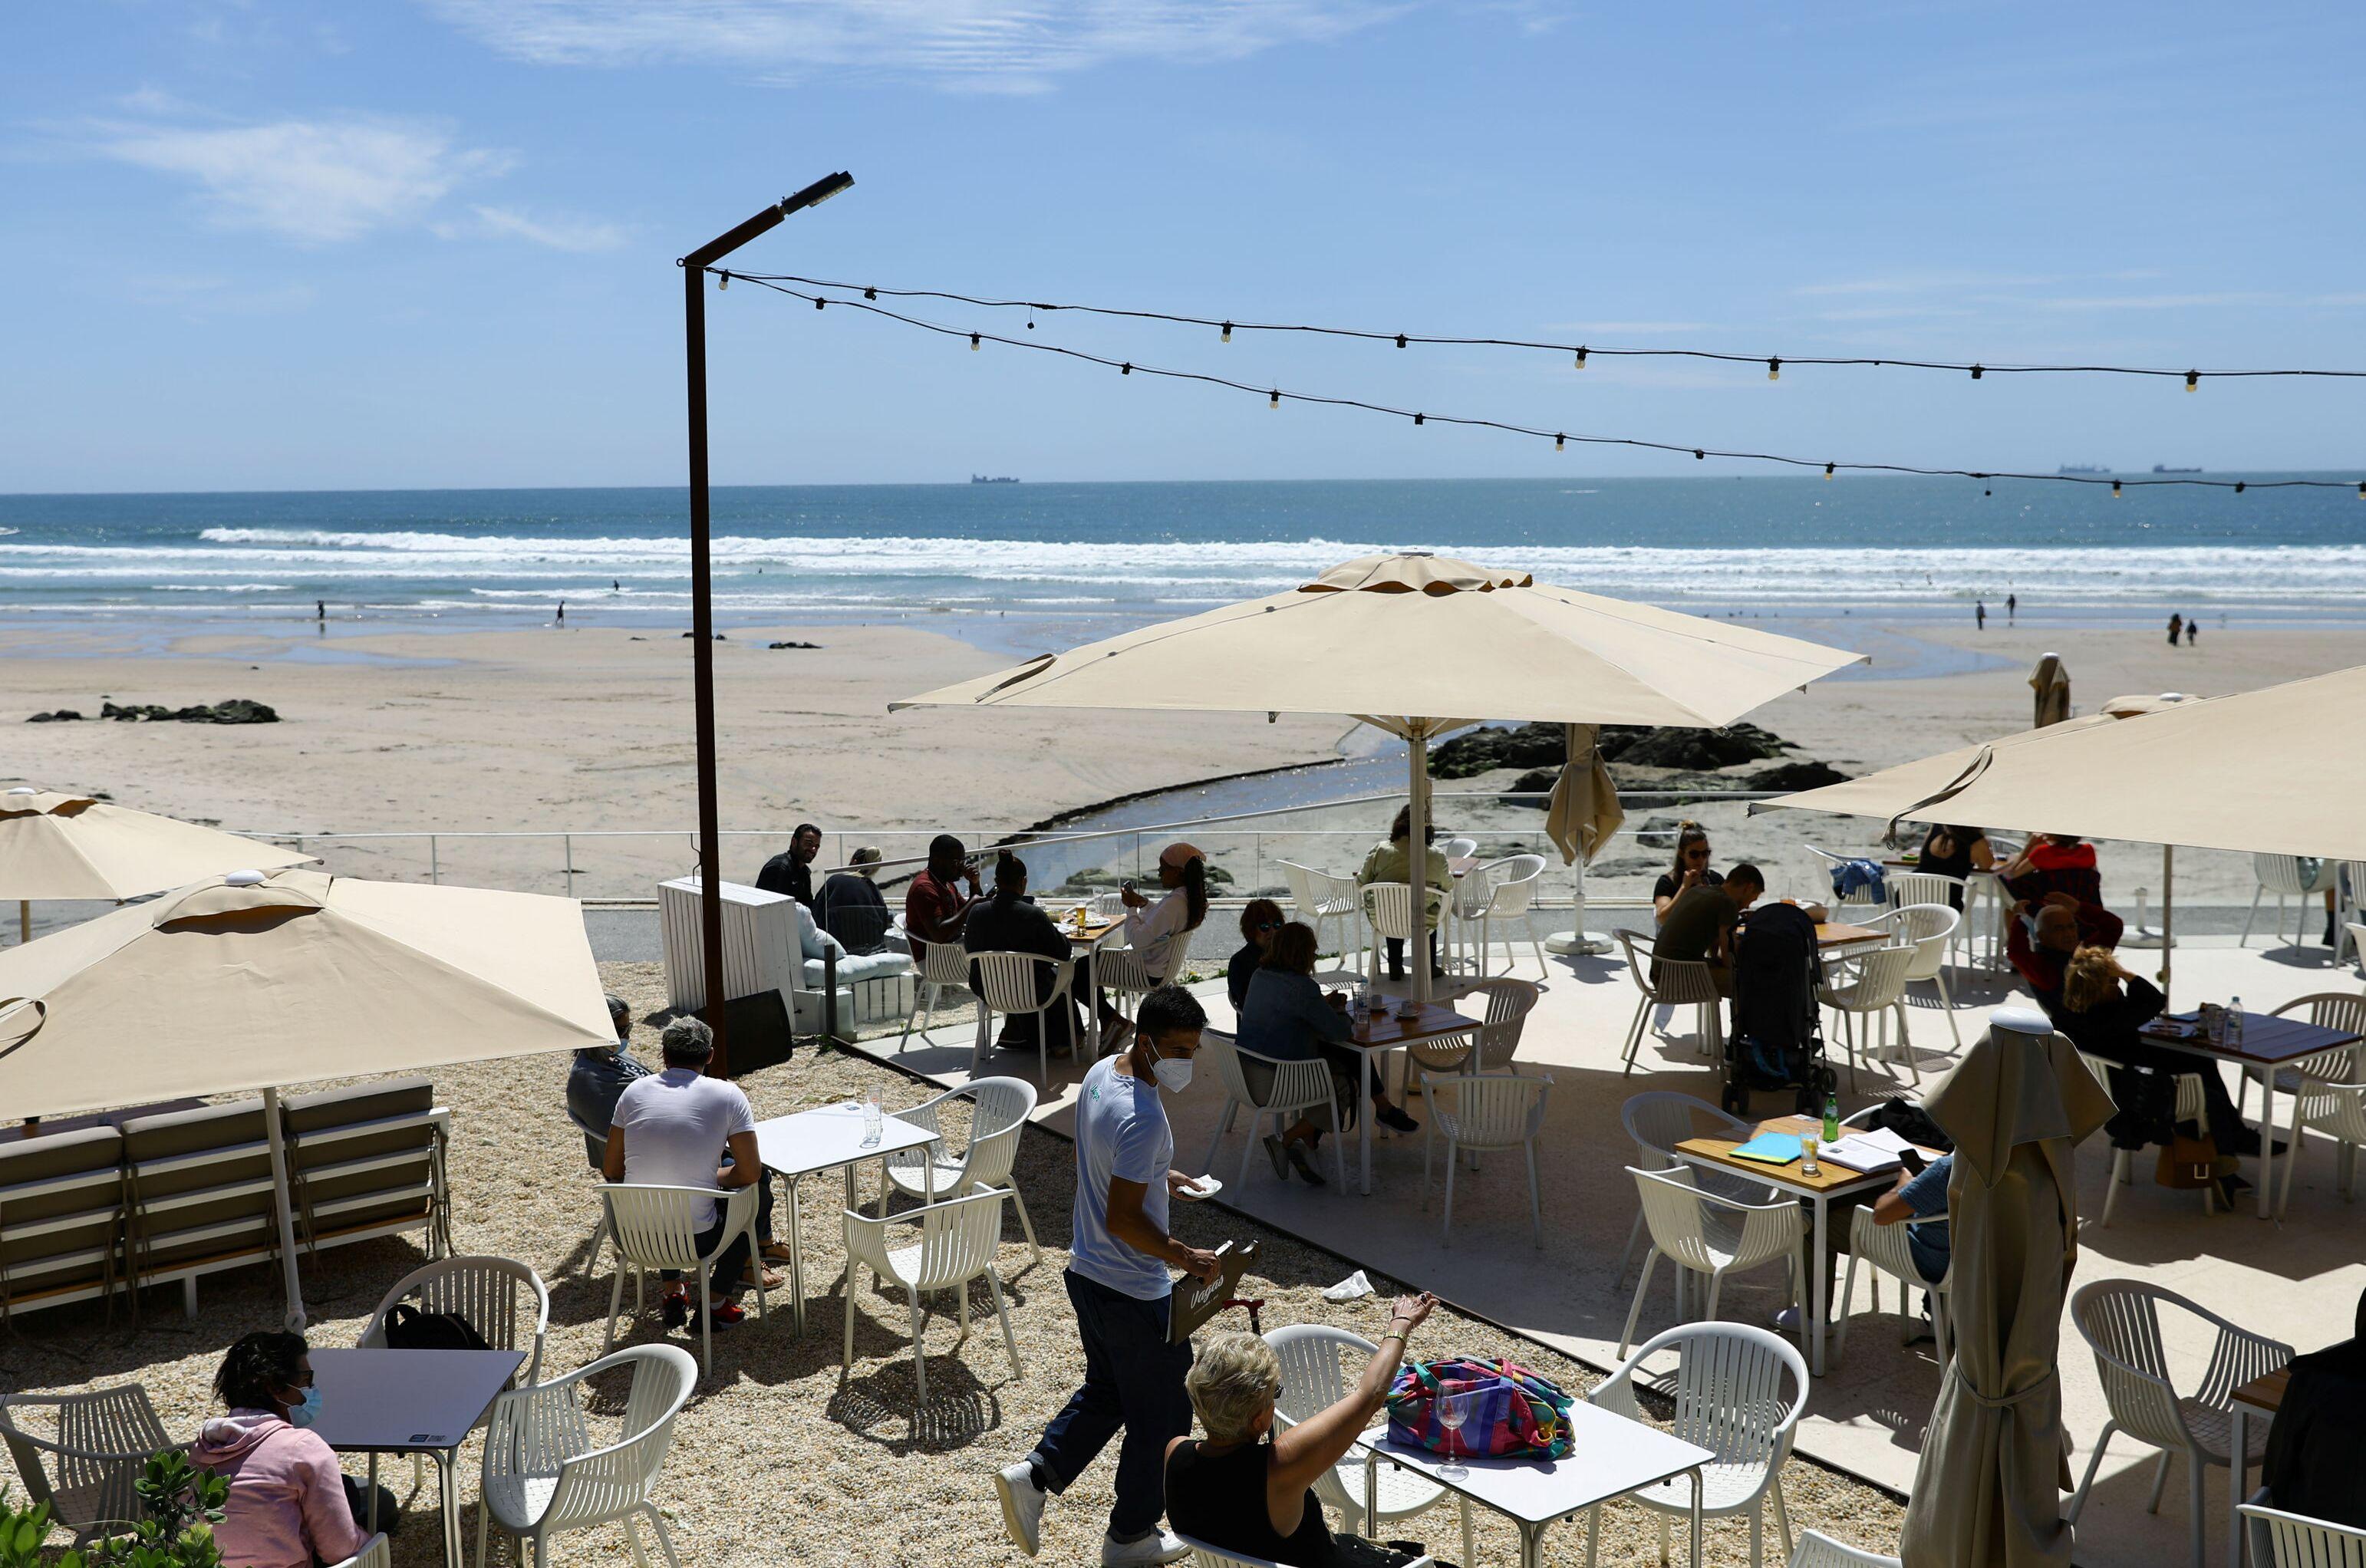 Turistas em restaurante ao ar livre na praia de Matosinhos, Portugal, 17 de maio de 2021